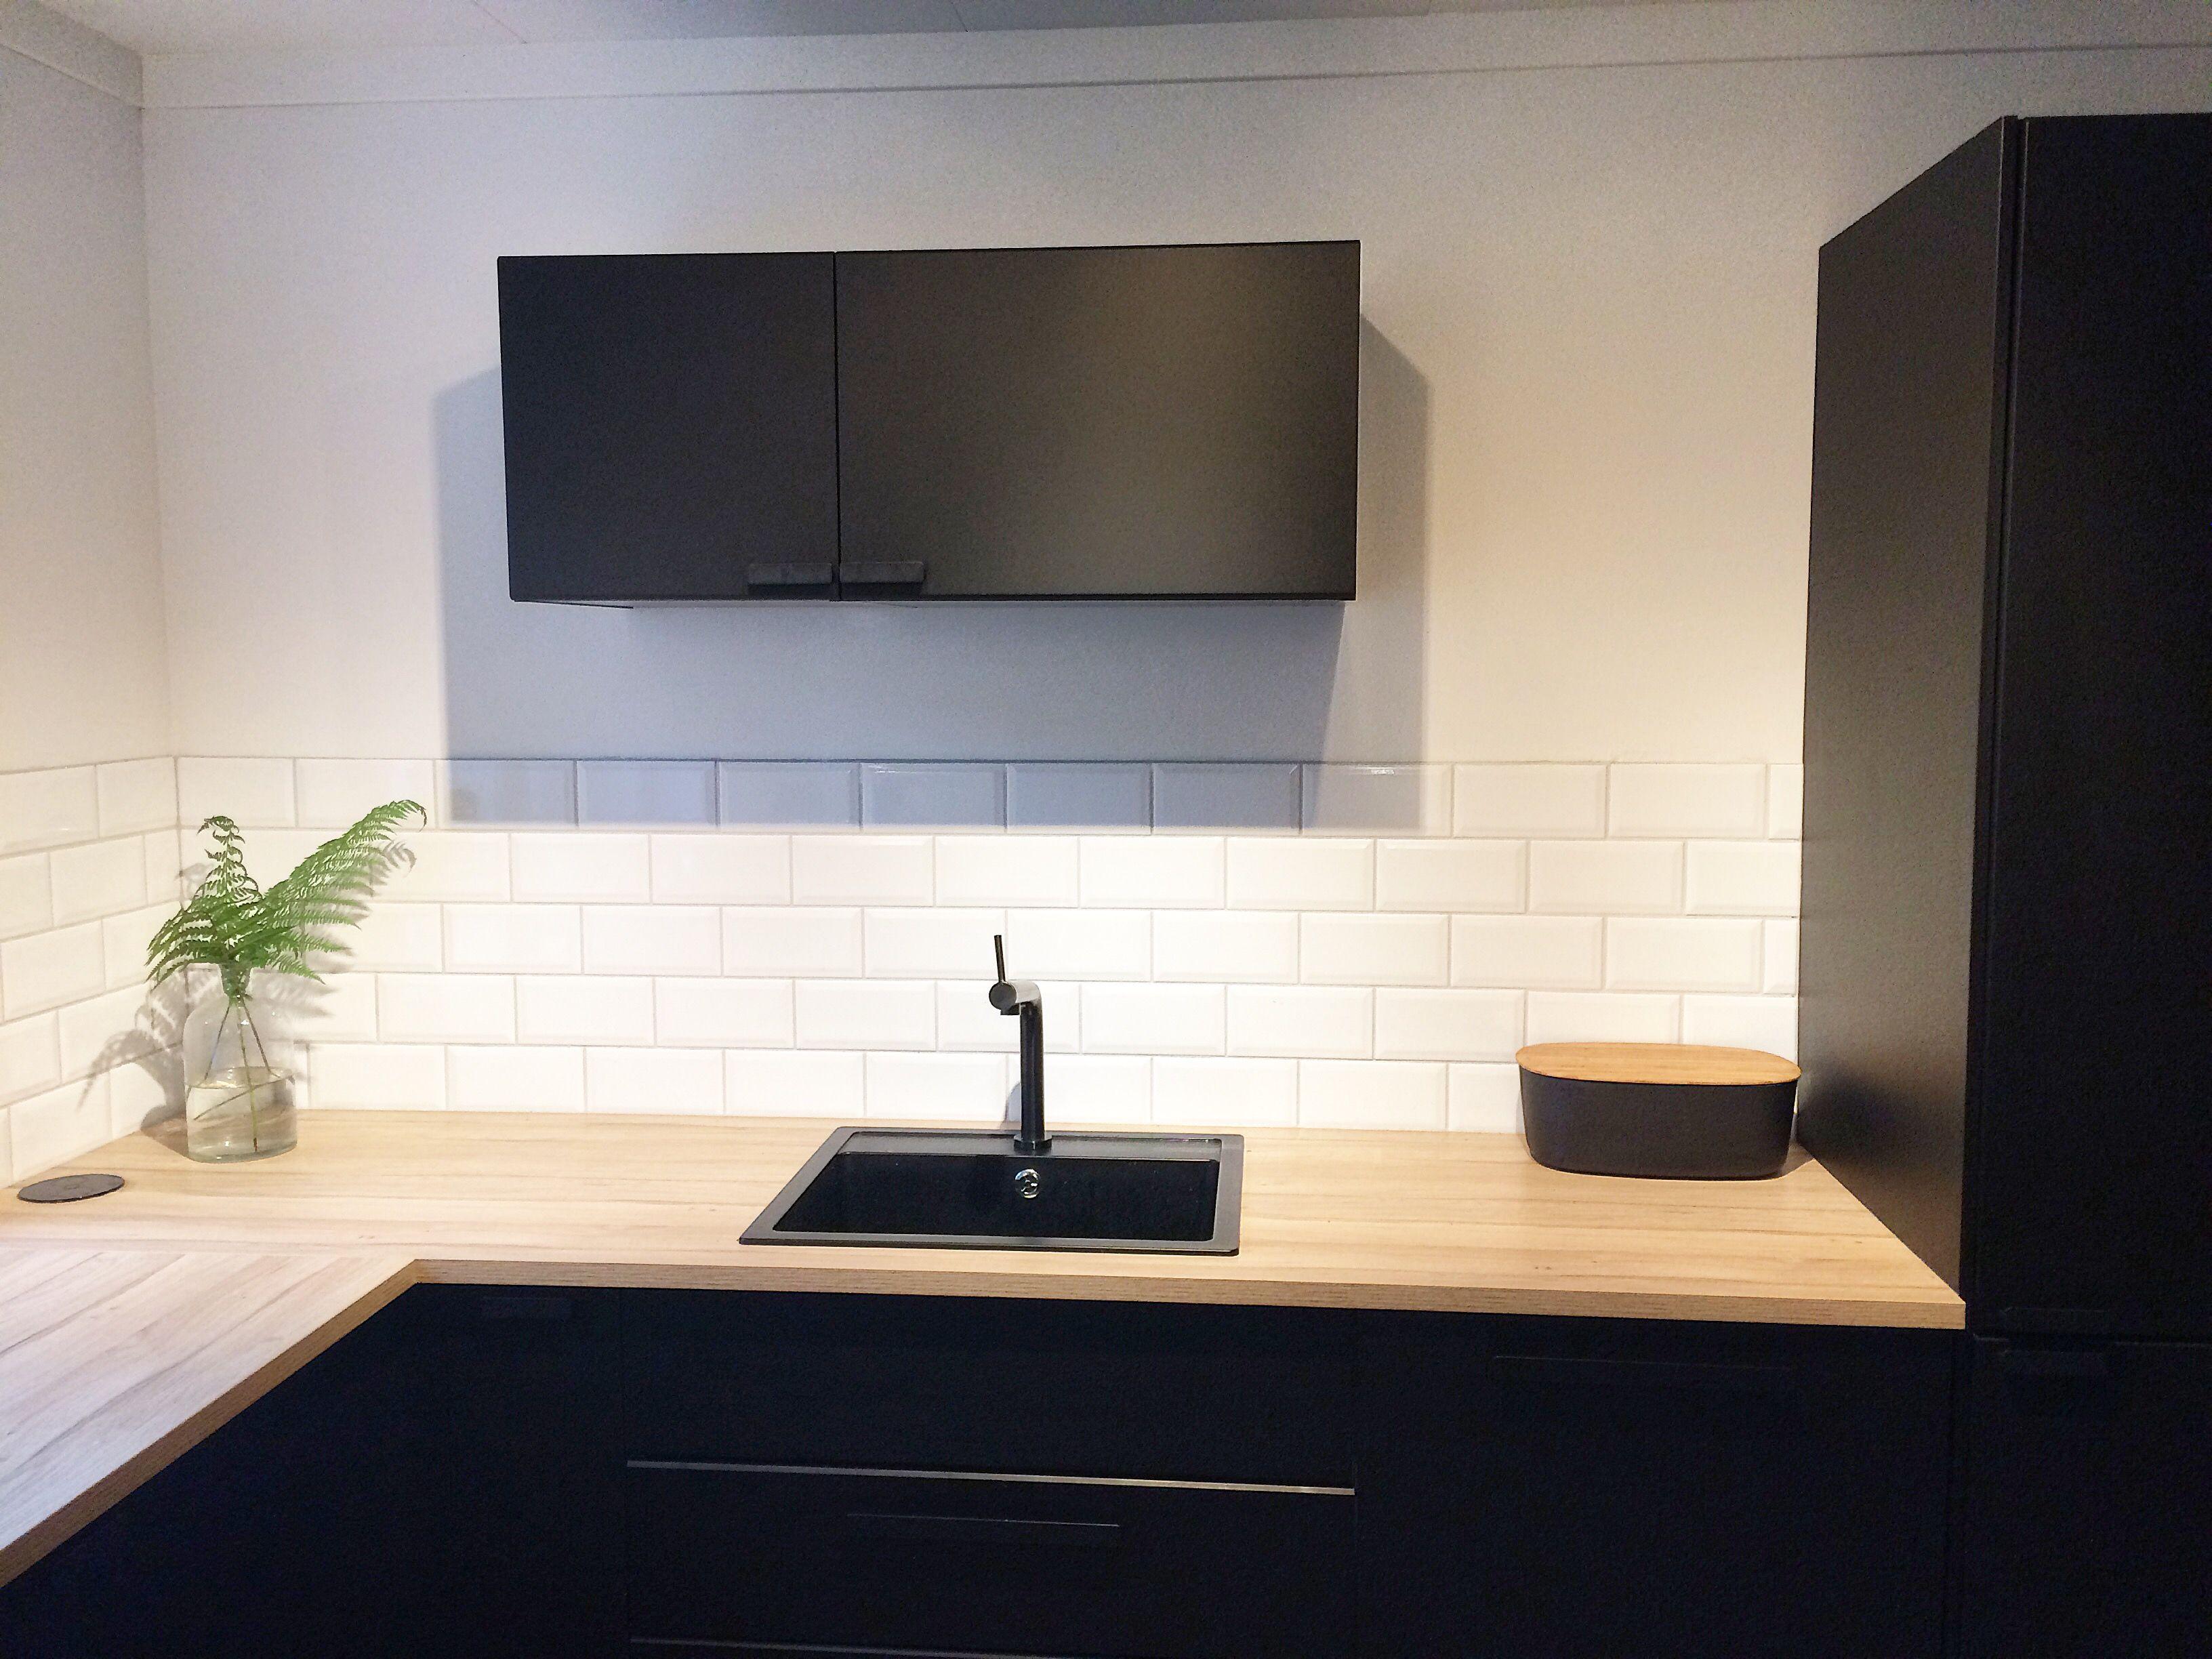 ikea kungsbacka kitchen pinterest. Black Bedroom Furniture Sets. Home Design Ideas